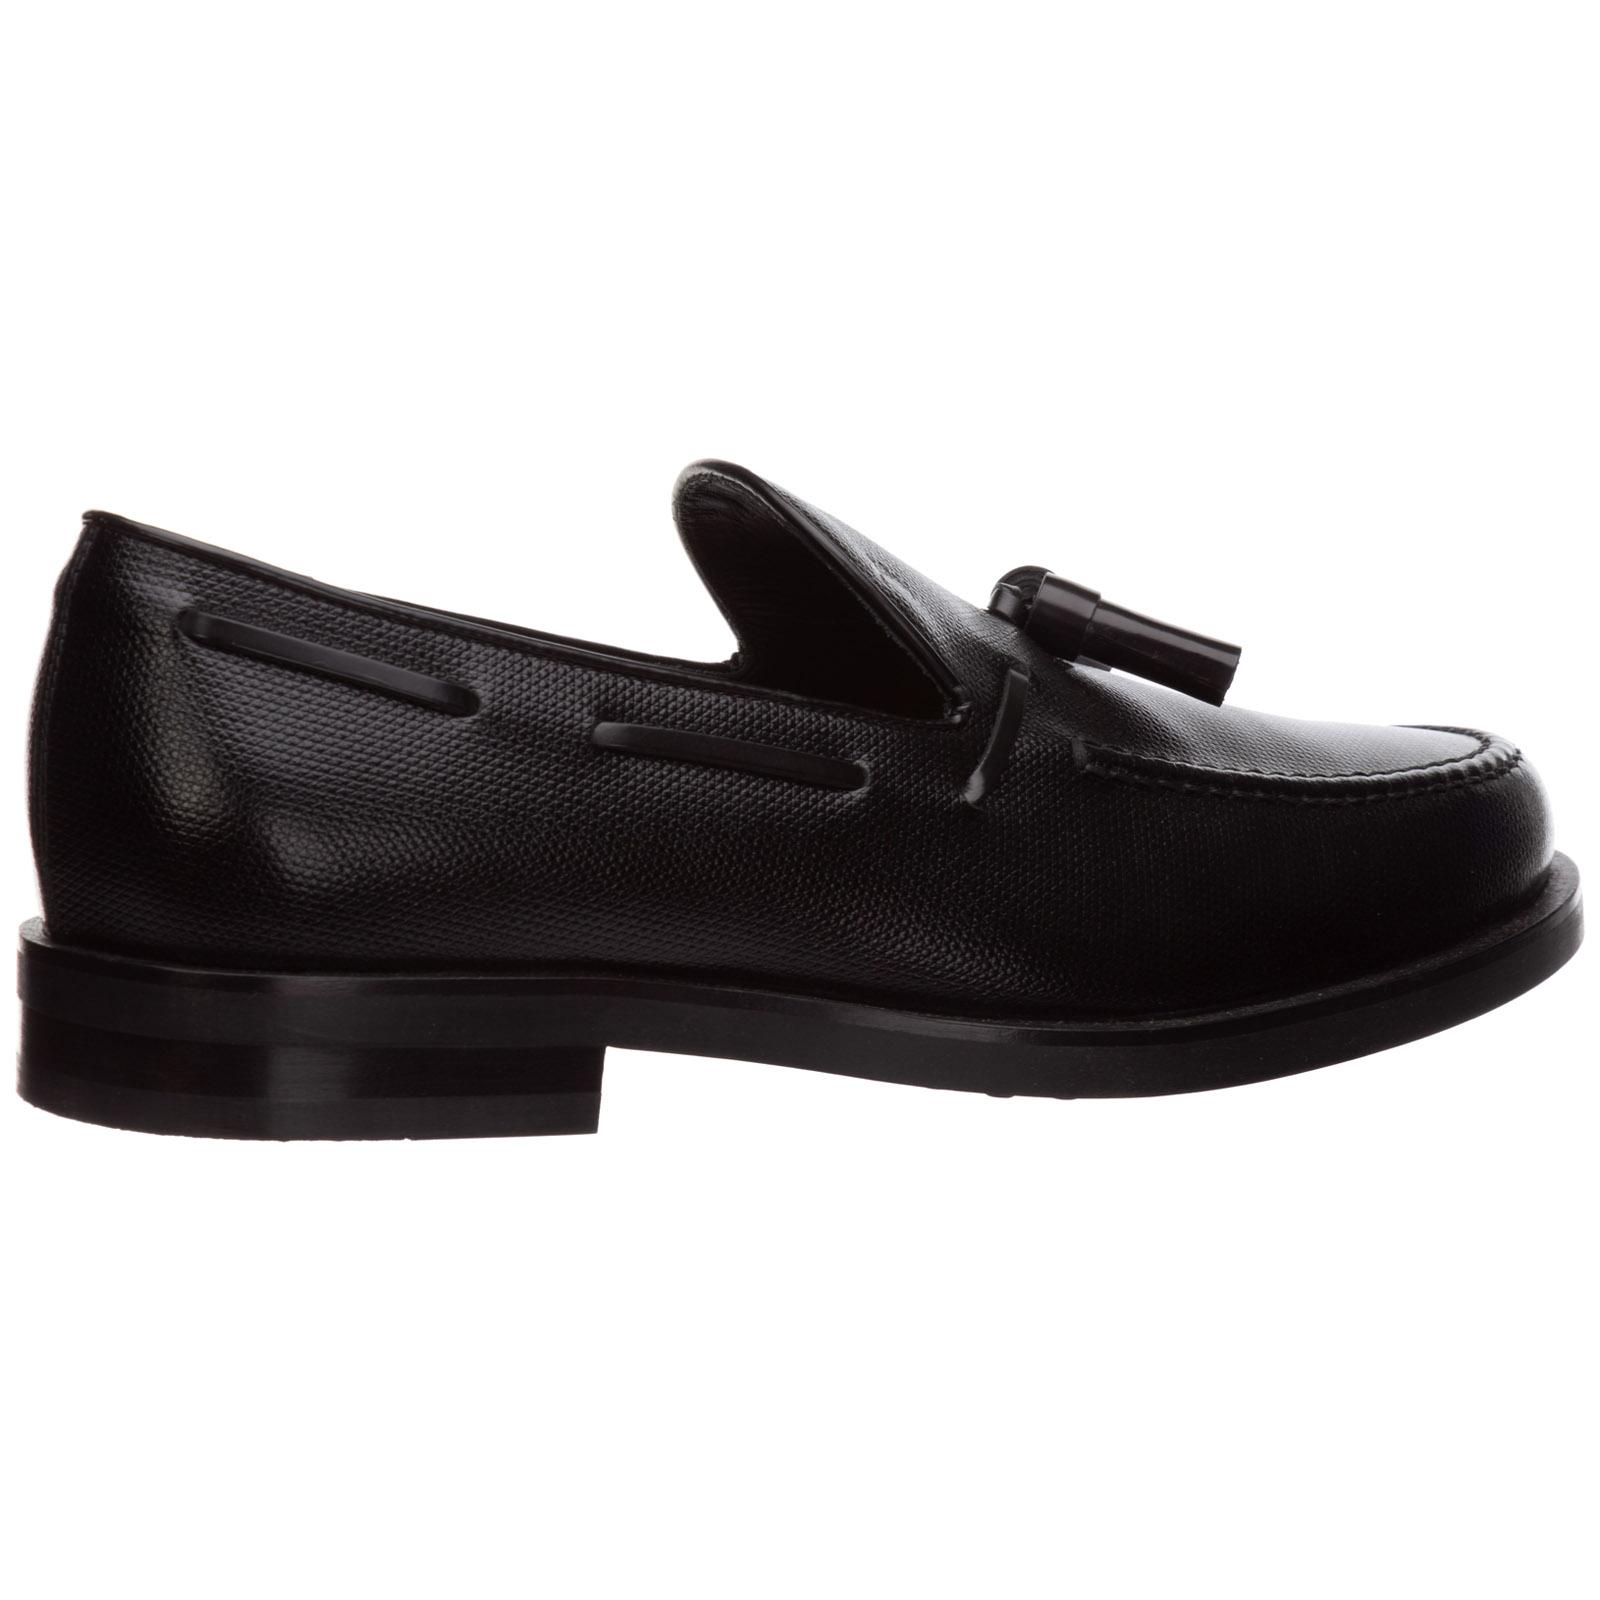 Mocasines en piel hombres  pantofola nappina formale